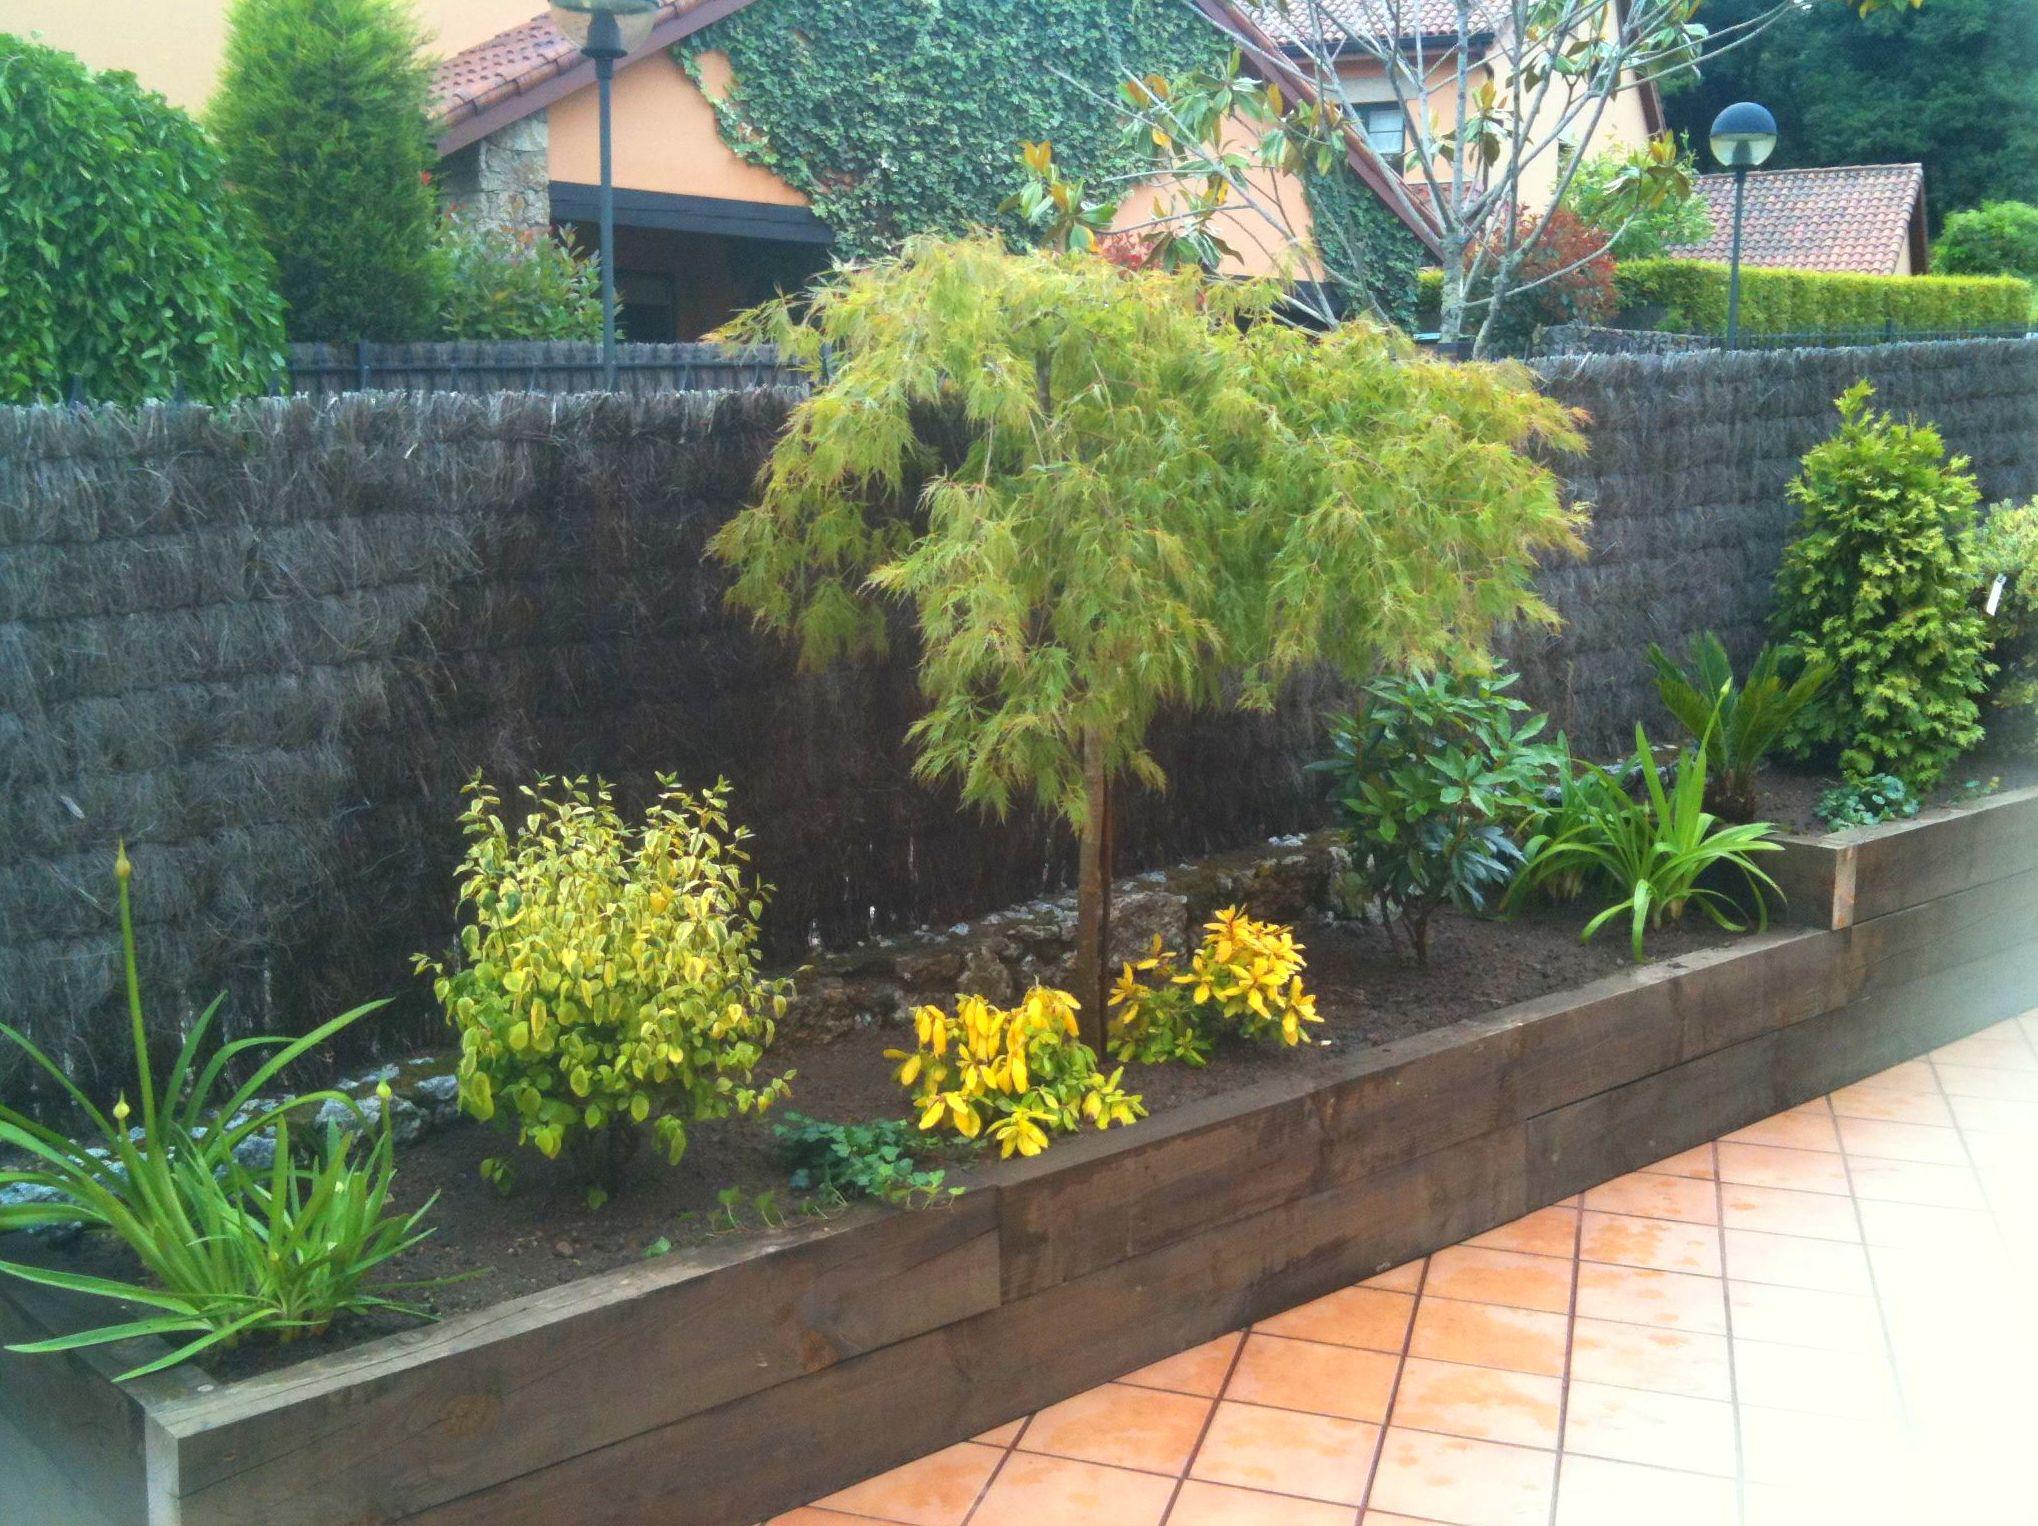 Foto 9 de jardiner a en carral jardiner a rtabro - Jardineras de exterior ...